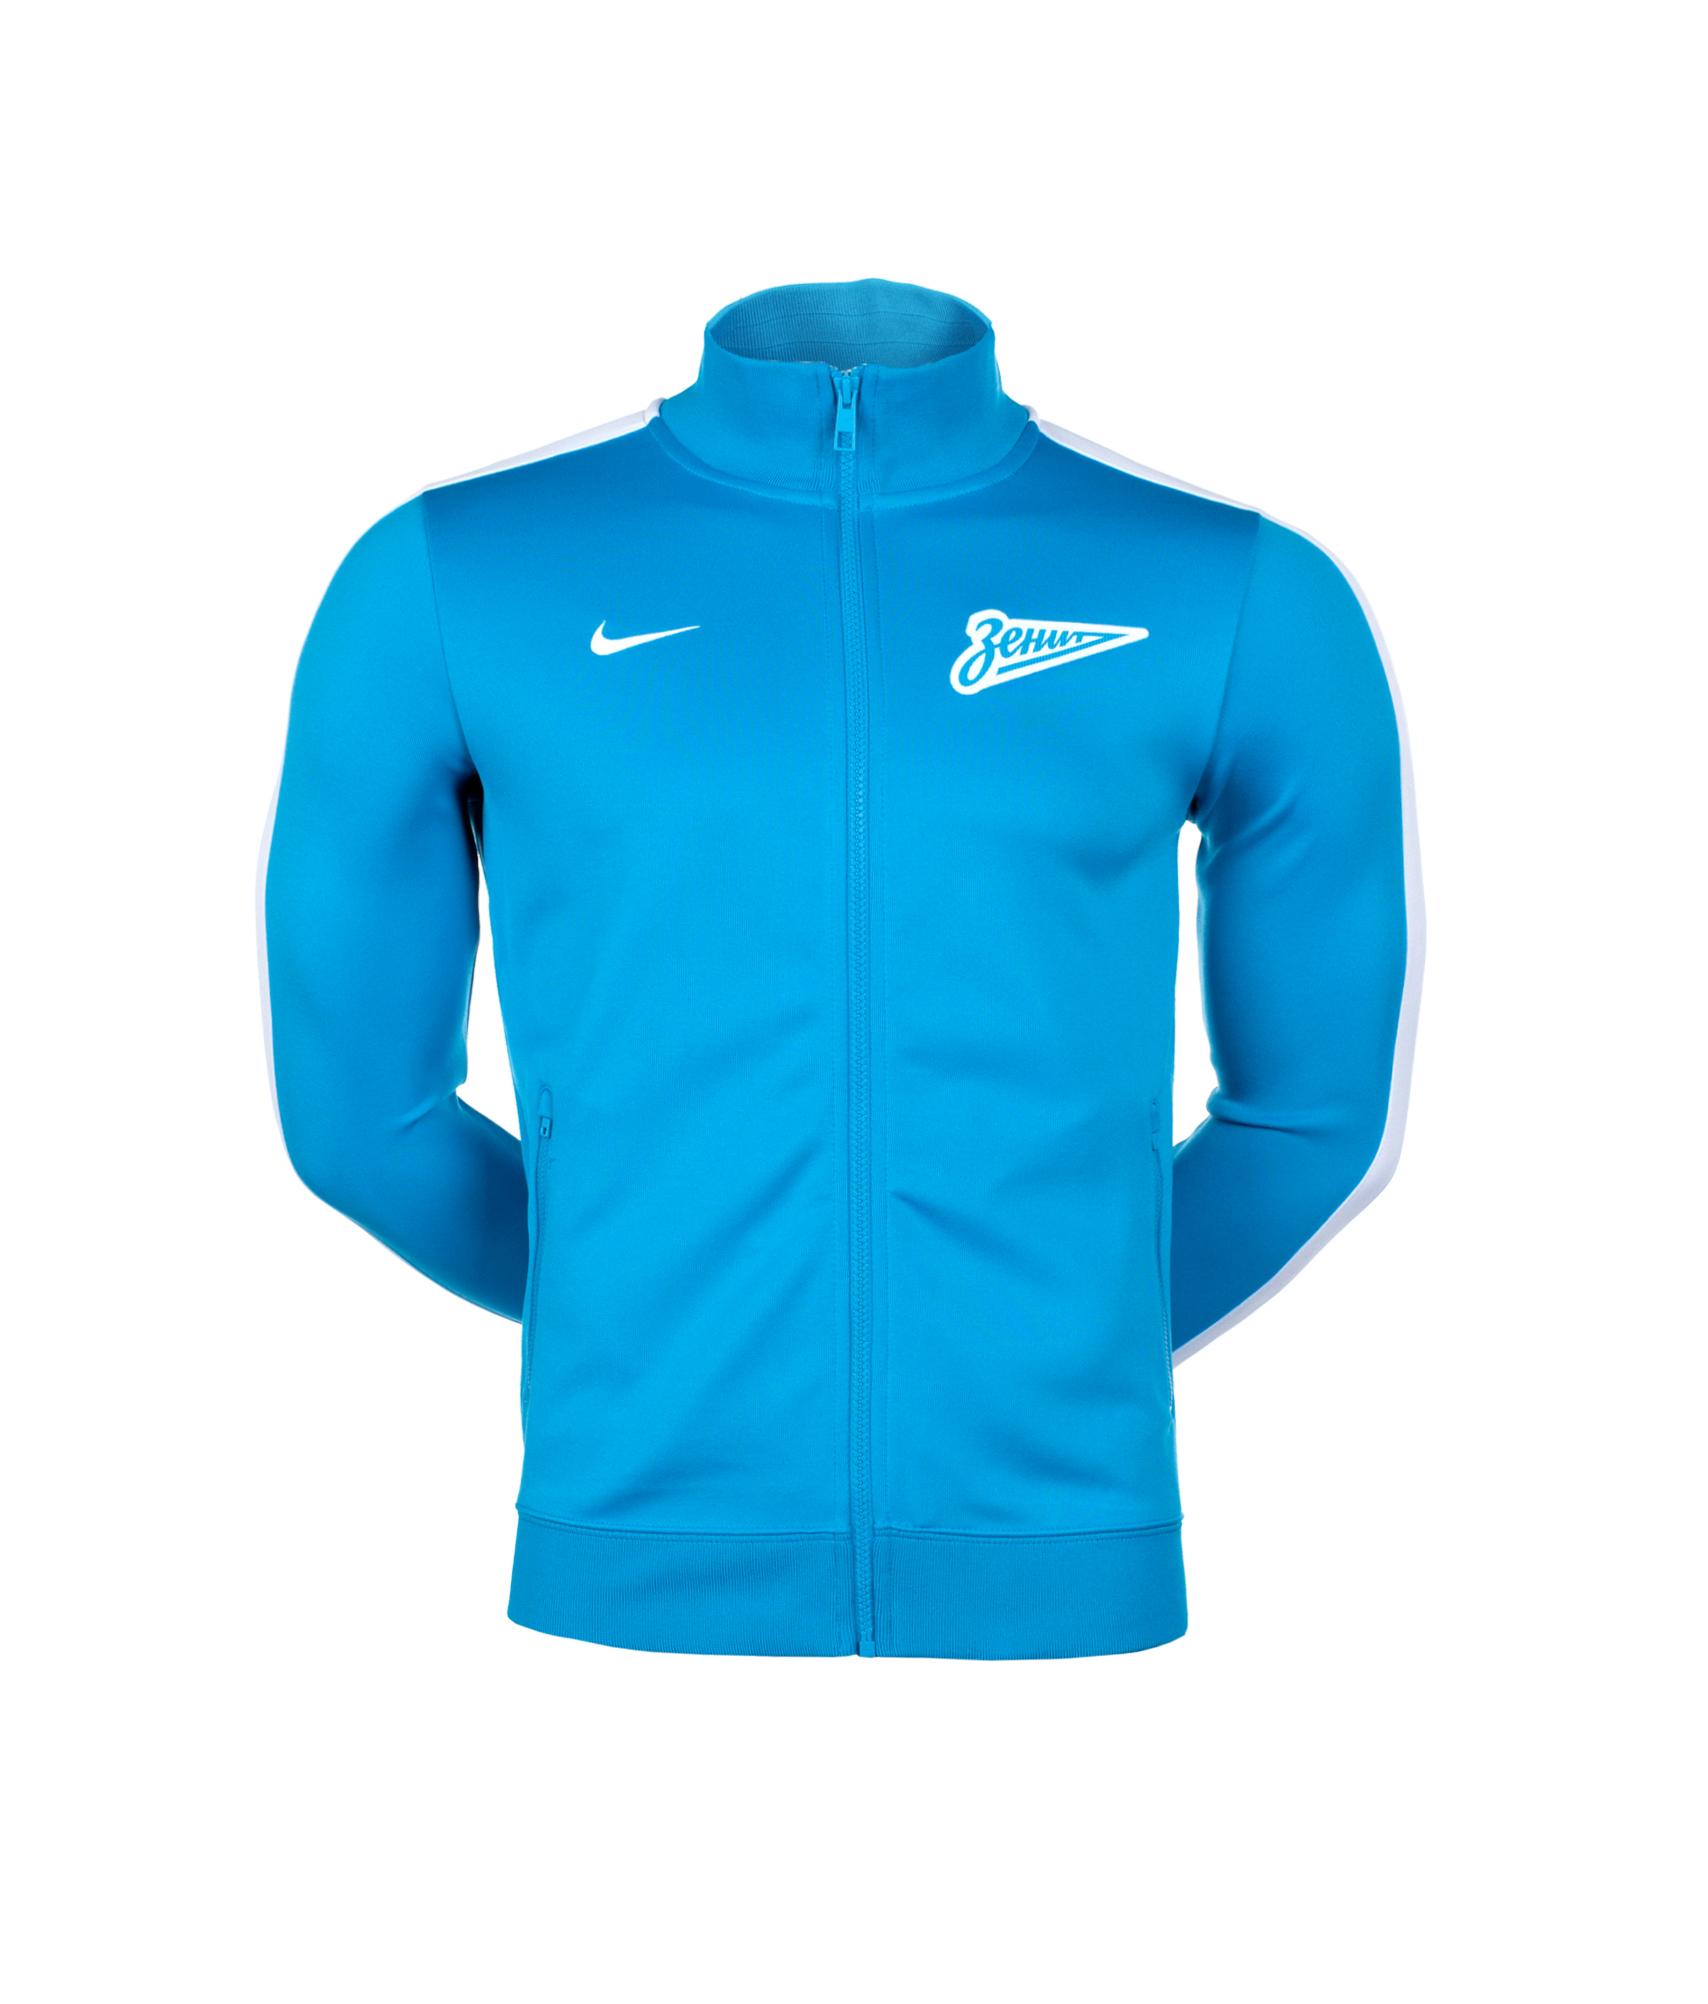 Лазурная олимпийка Nike, Цвет-Лазурный, Размер-XXL